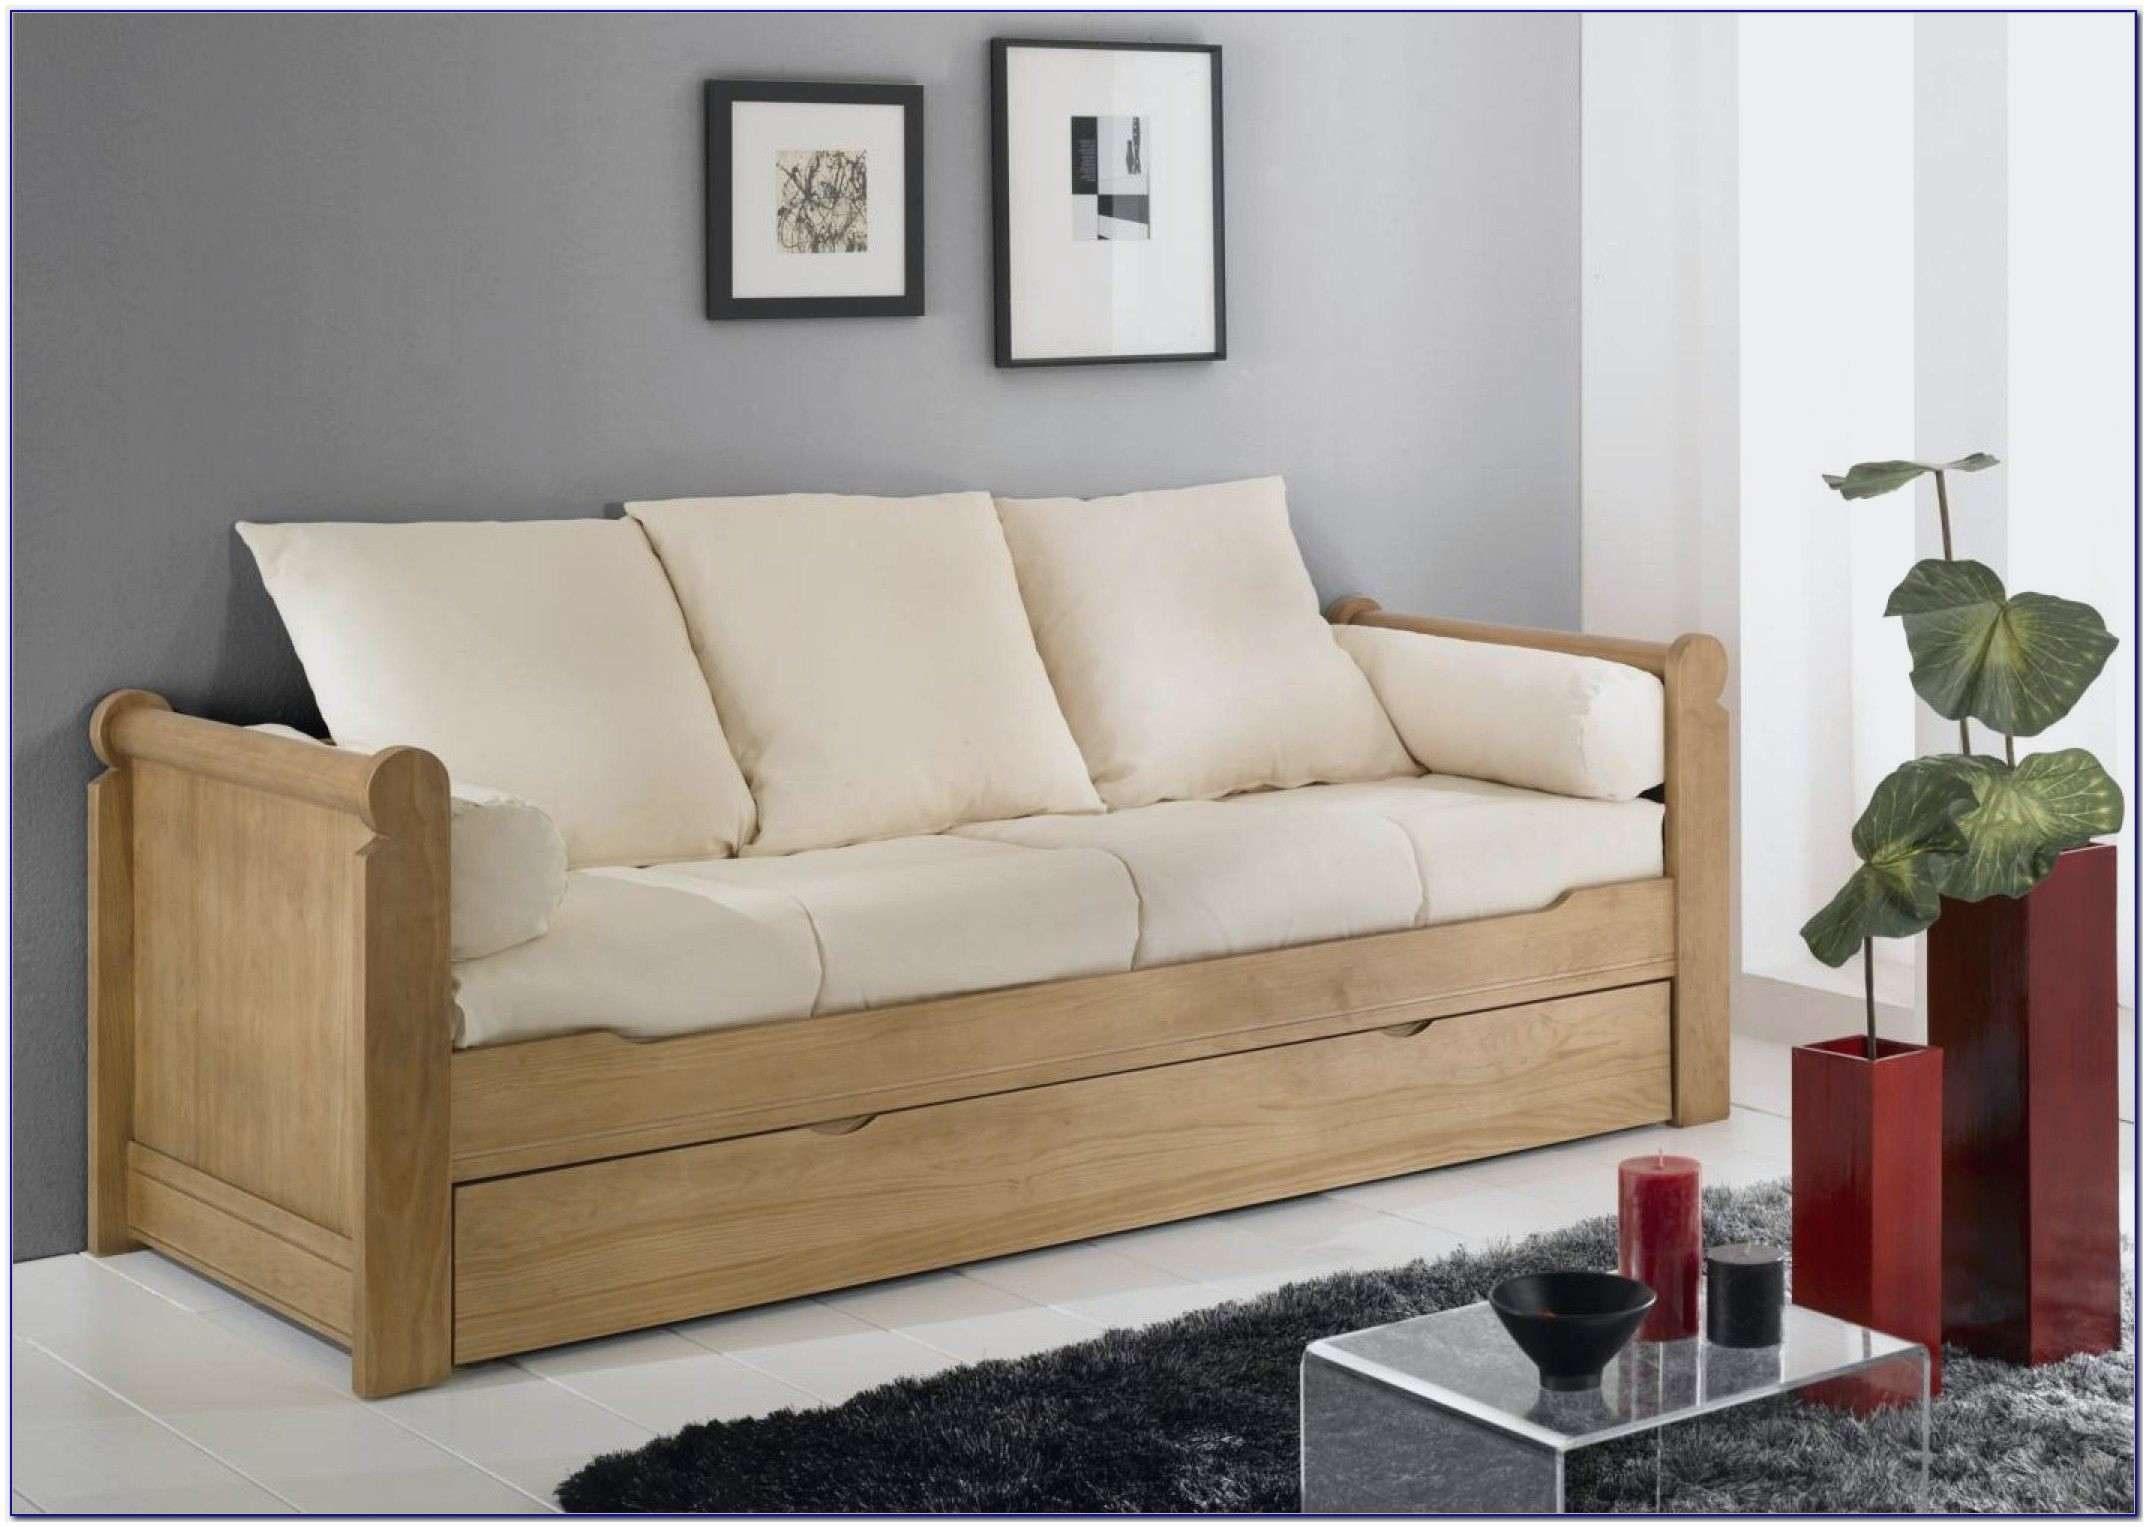 Matelas Pour Canapé Lit Nouveau Nouveau Luxury Canapé Lit Matelas Pour Option Canapé Convertible 2